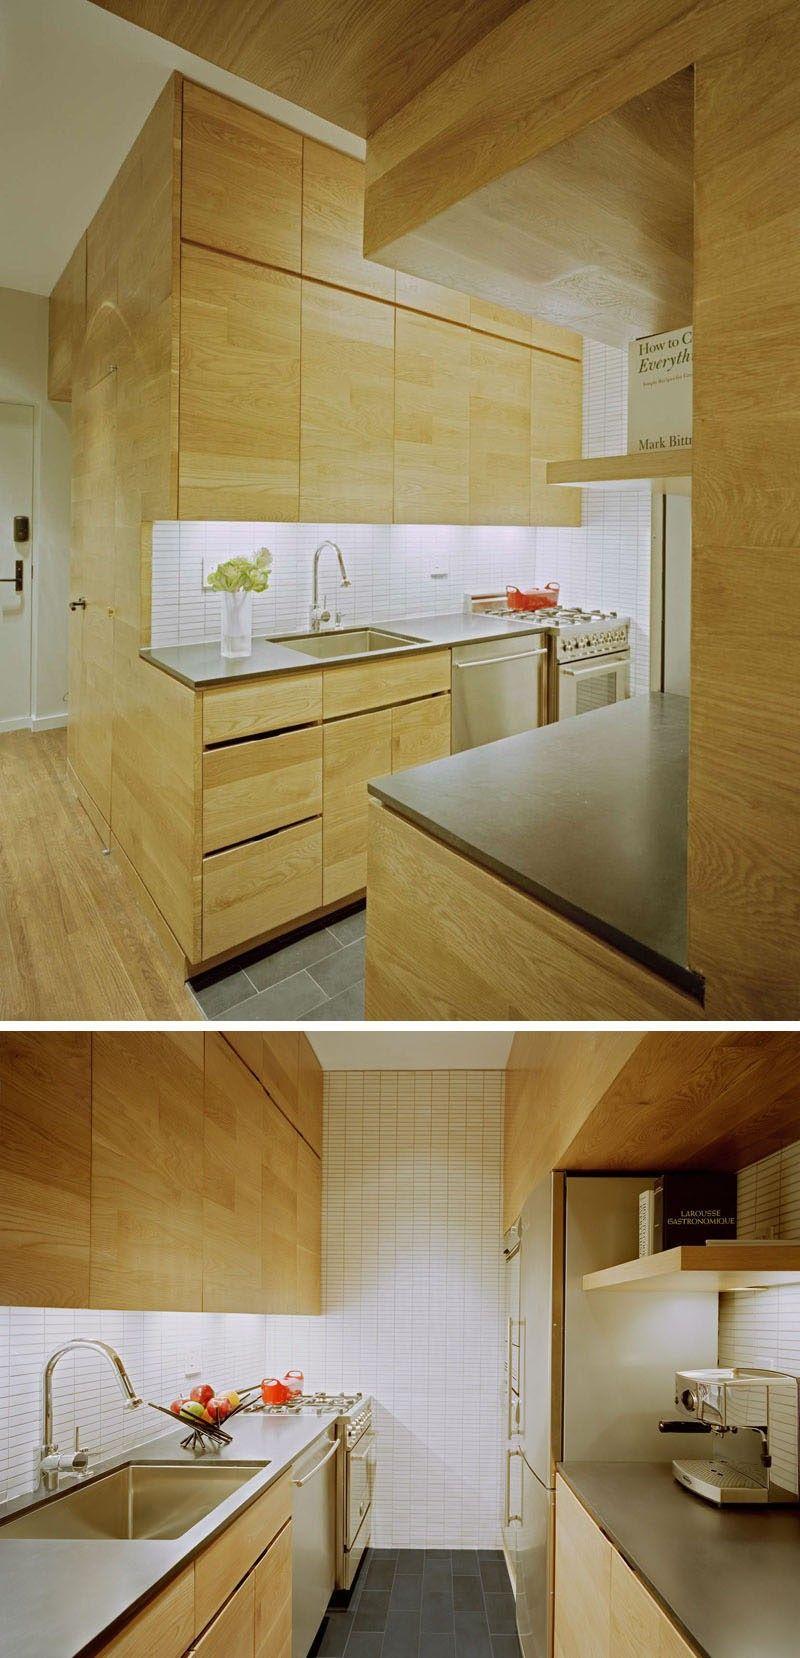 Küche Design Ideen 14 Küchen, Die Das Beste Aus Einem Kleinen Raum Machen /